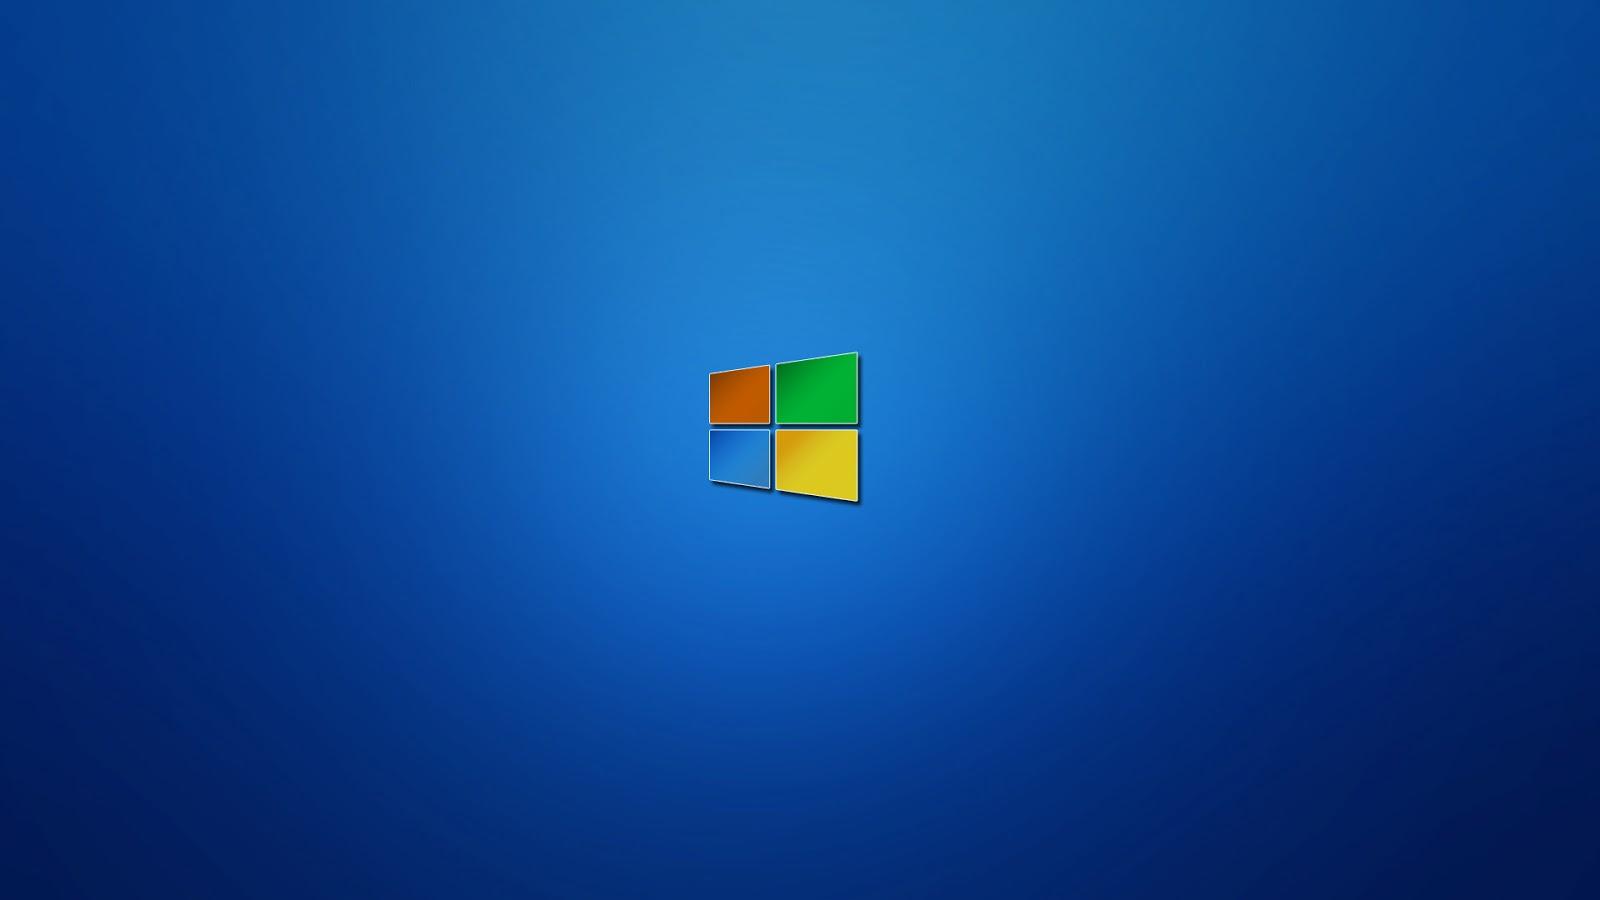 windows 8 metro wallpaperWindows8HDWallpaperjpg 1600x900